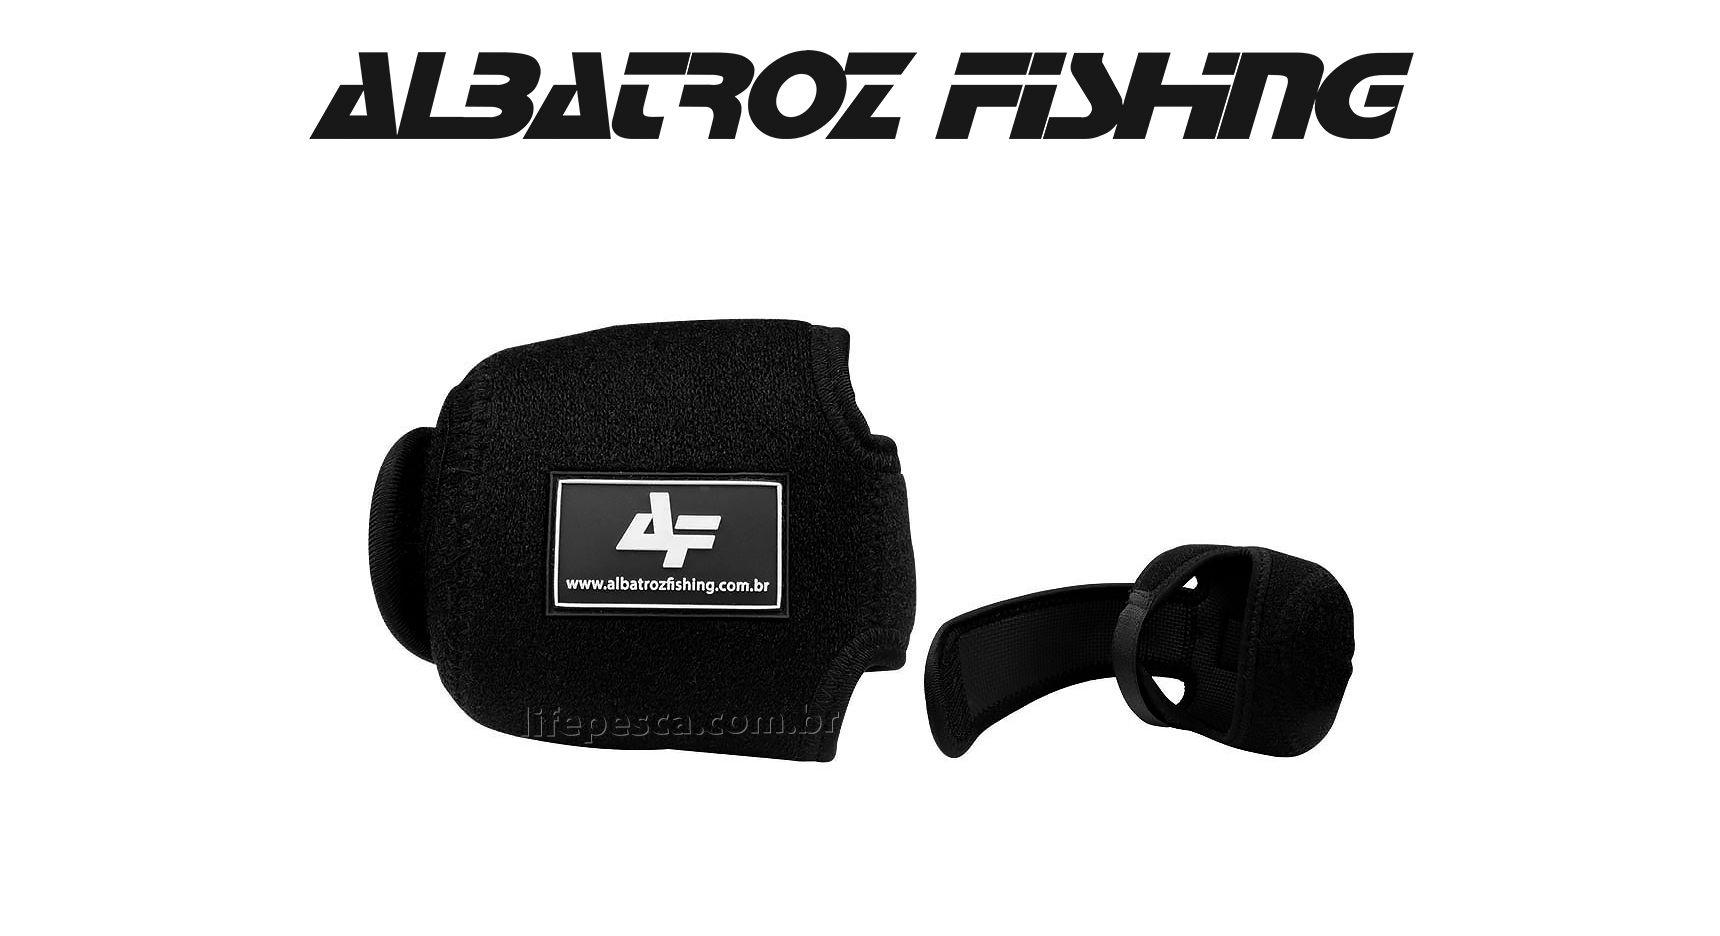 Capa Protecast Para Carretilha (Perfil Baixo) - Albatroz Fishing - RBC8-S  - Life Pesca - Sua loja de Pesca, Camping e Lazer